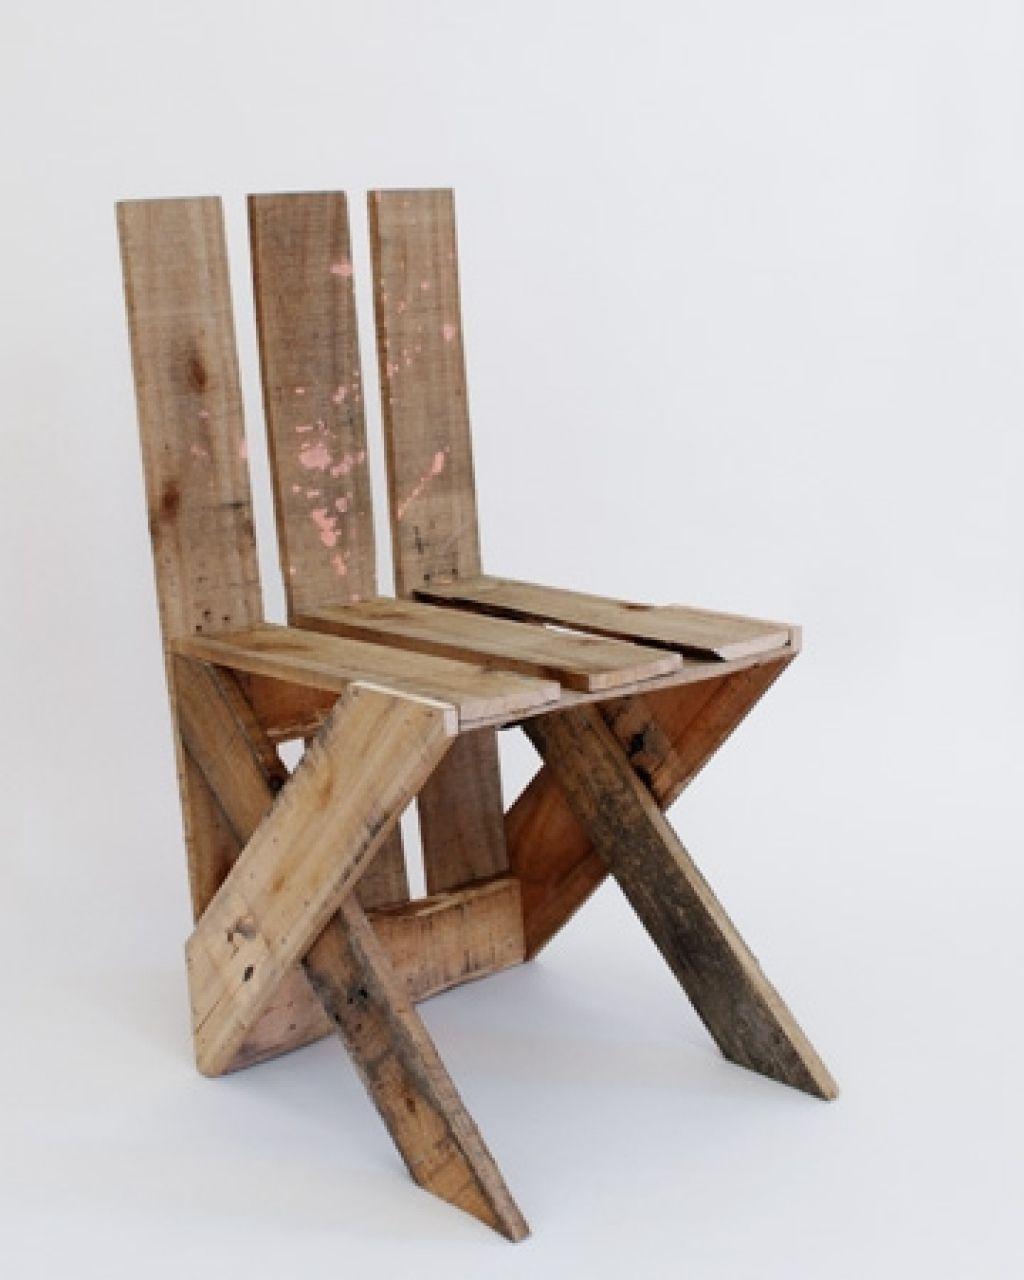 stuhl selber bauen sieben design objekte zum selberbauen seite 5